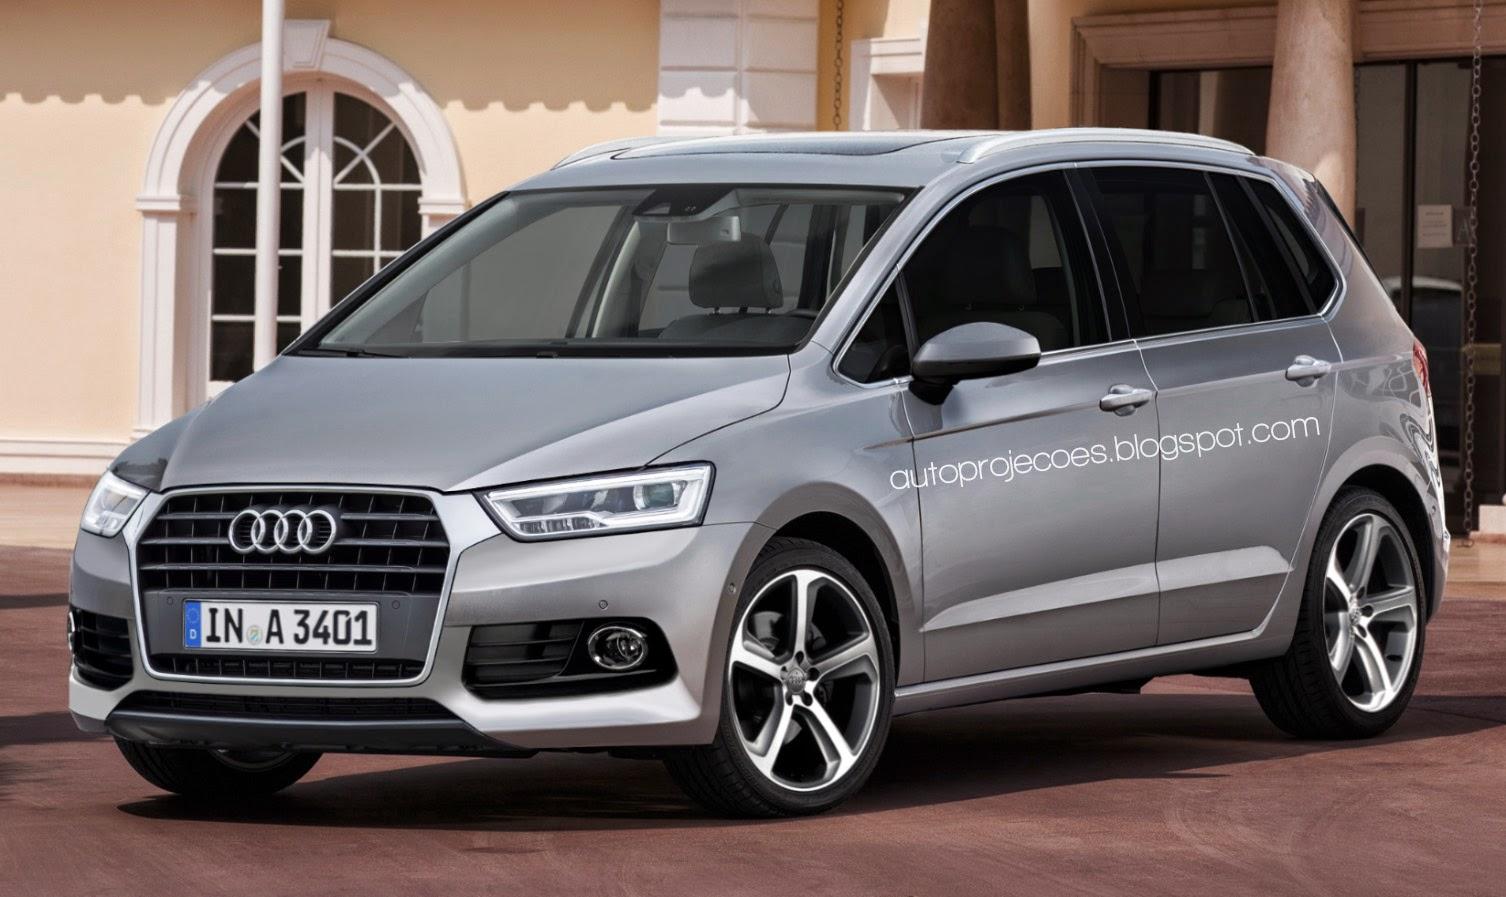 Audi Van, Audi V, Audi A3 Van, Audi V3,